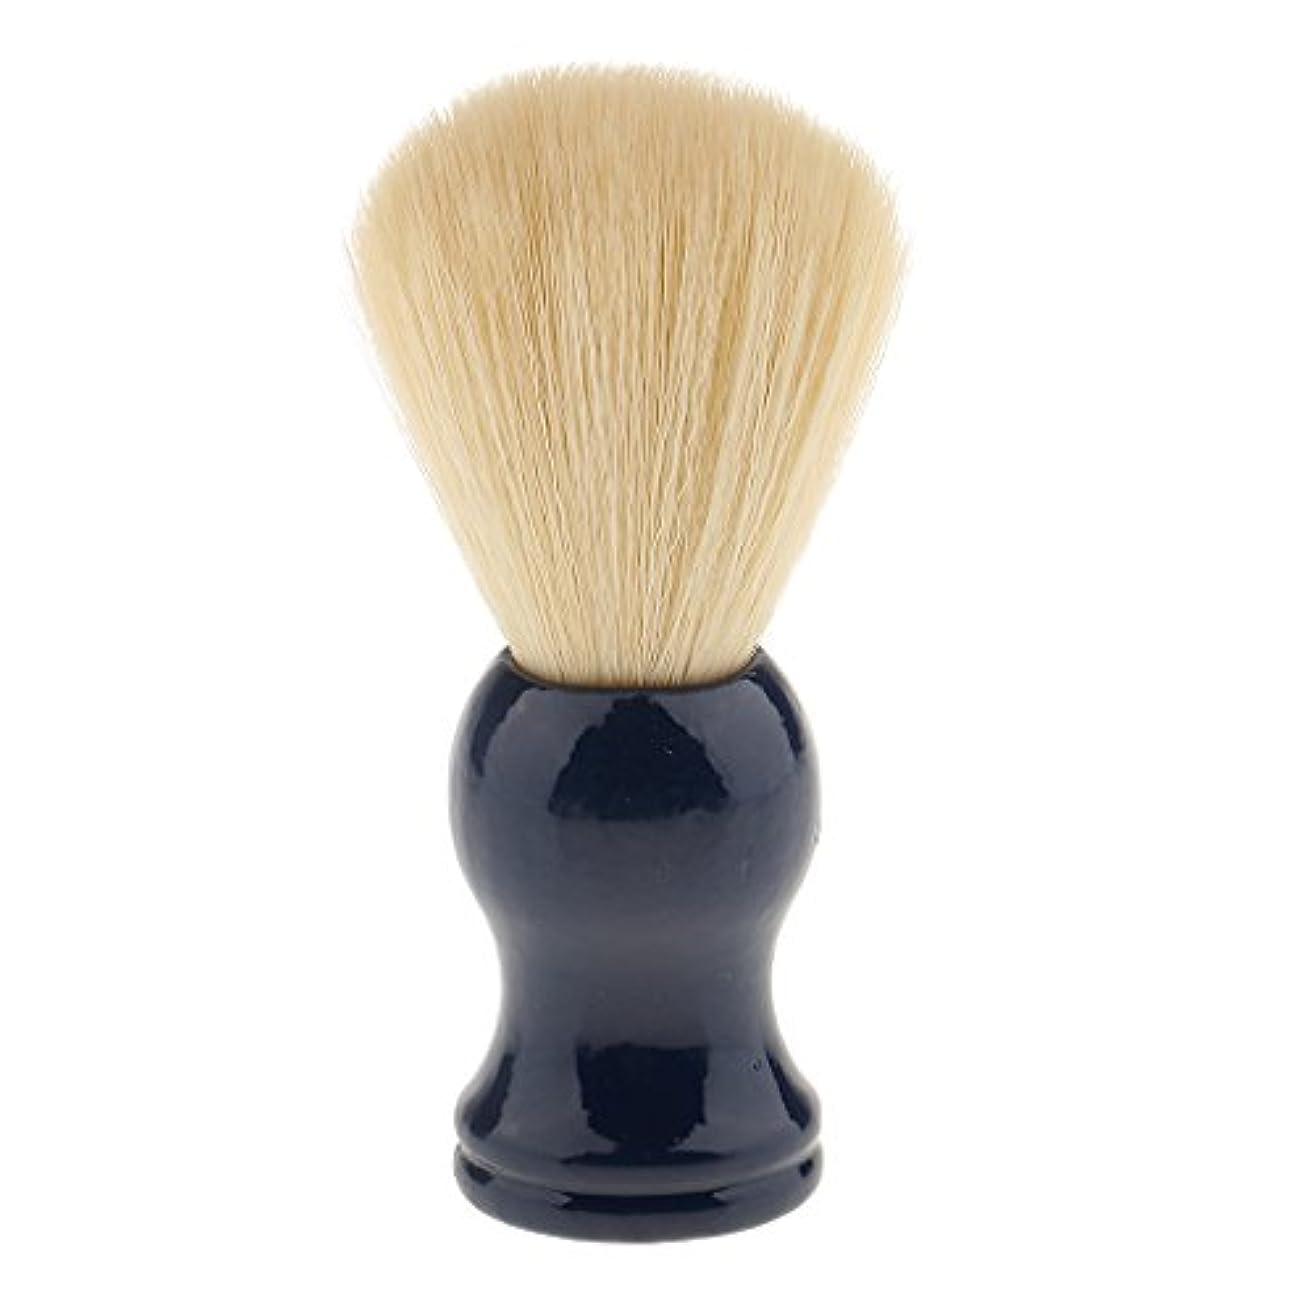 無実オーディション強いますBaoblaze ナイロン ひげブラシ シェービング ブラシ 髭 泡立て 散髪整理  理髪用 サロン 快適 美容院